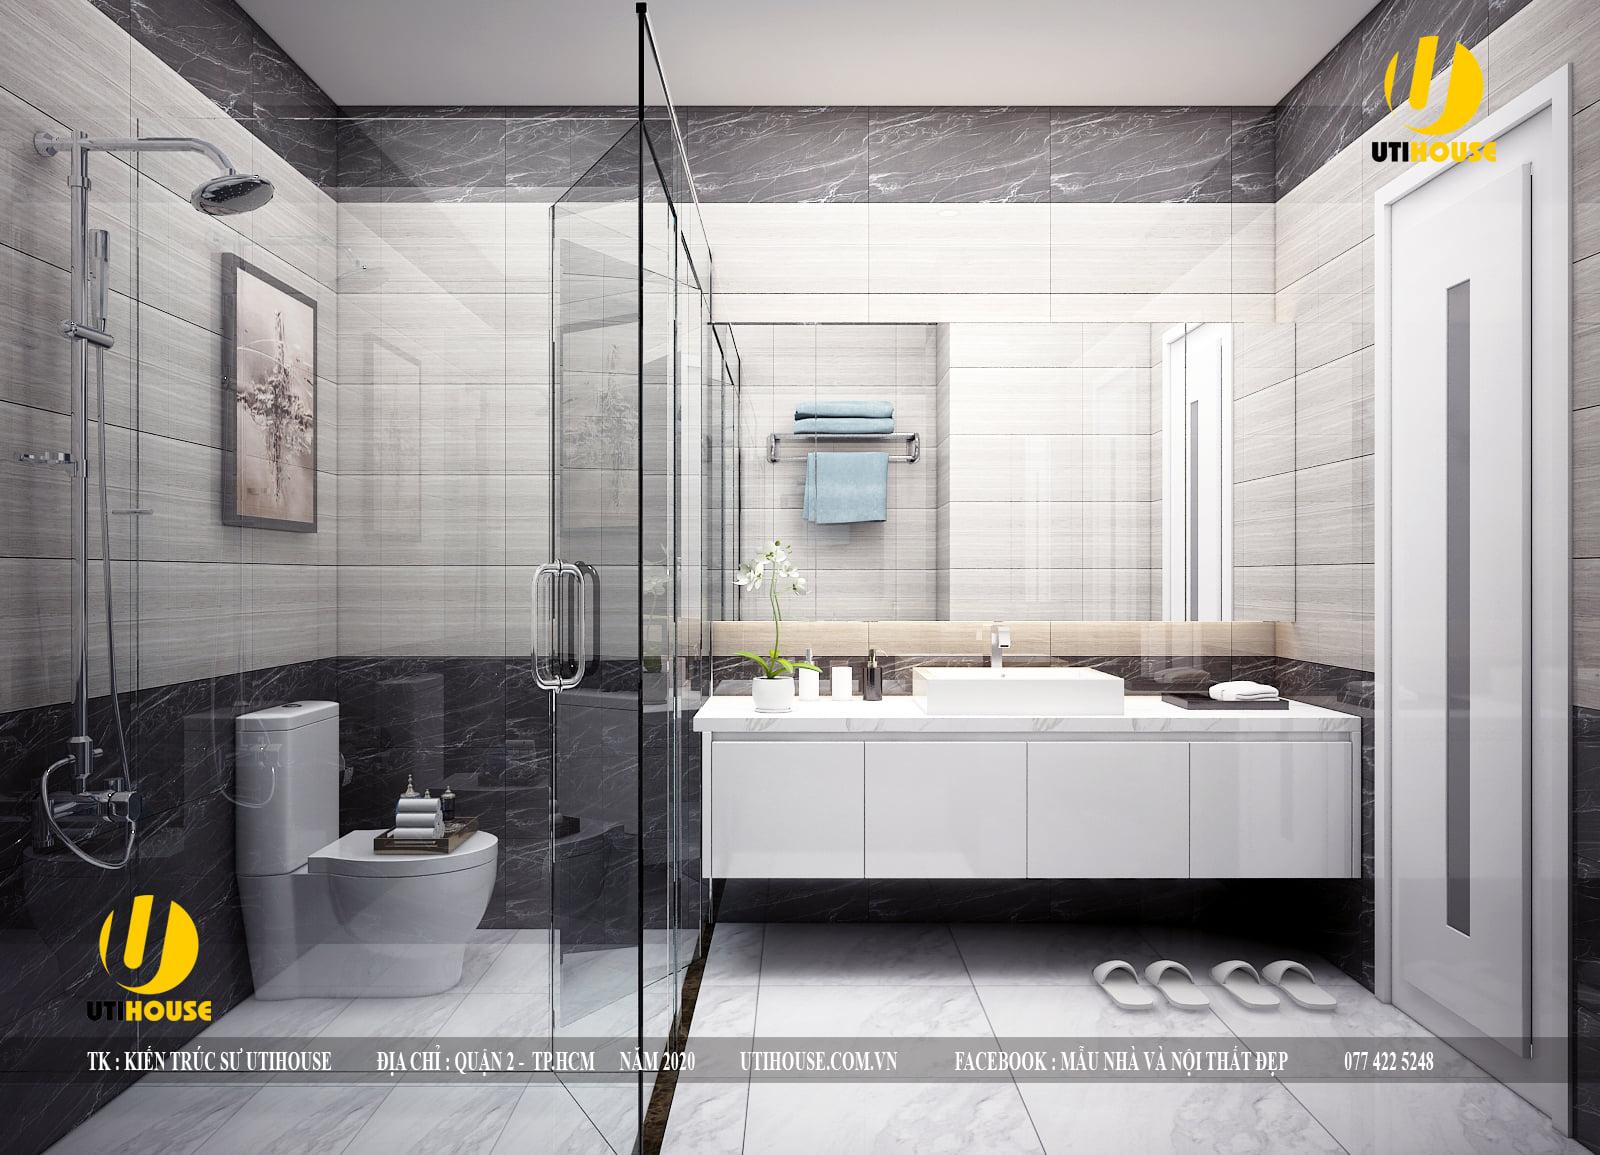 Xu hướng thiết kế nội thất phòng tắm sang trọng, tiện nghi cho mọi nhà